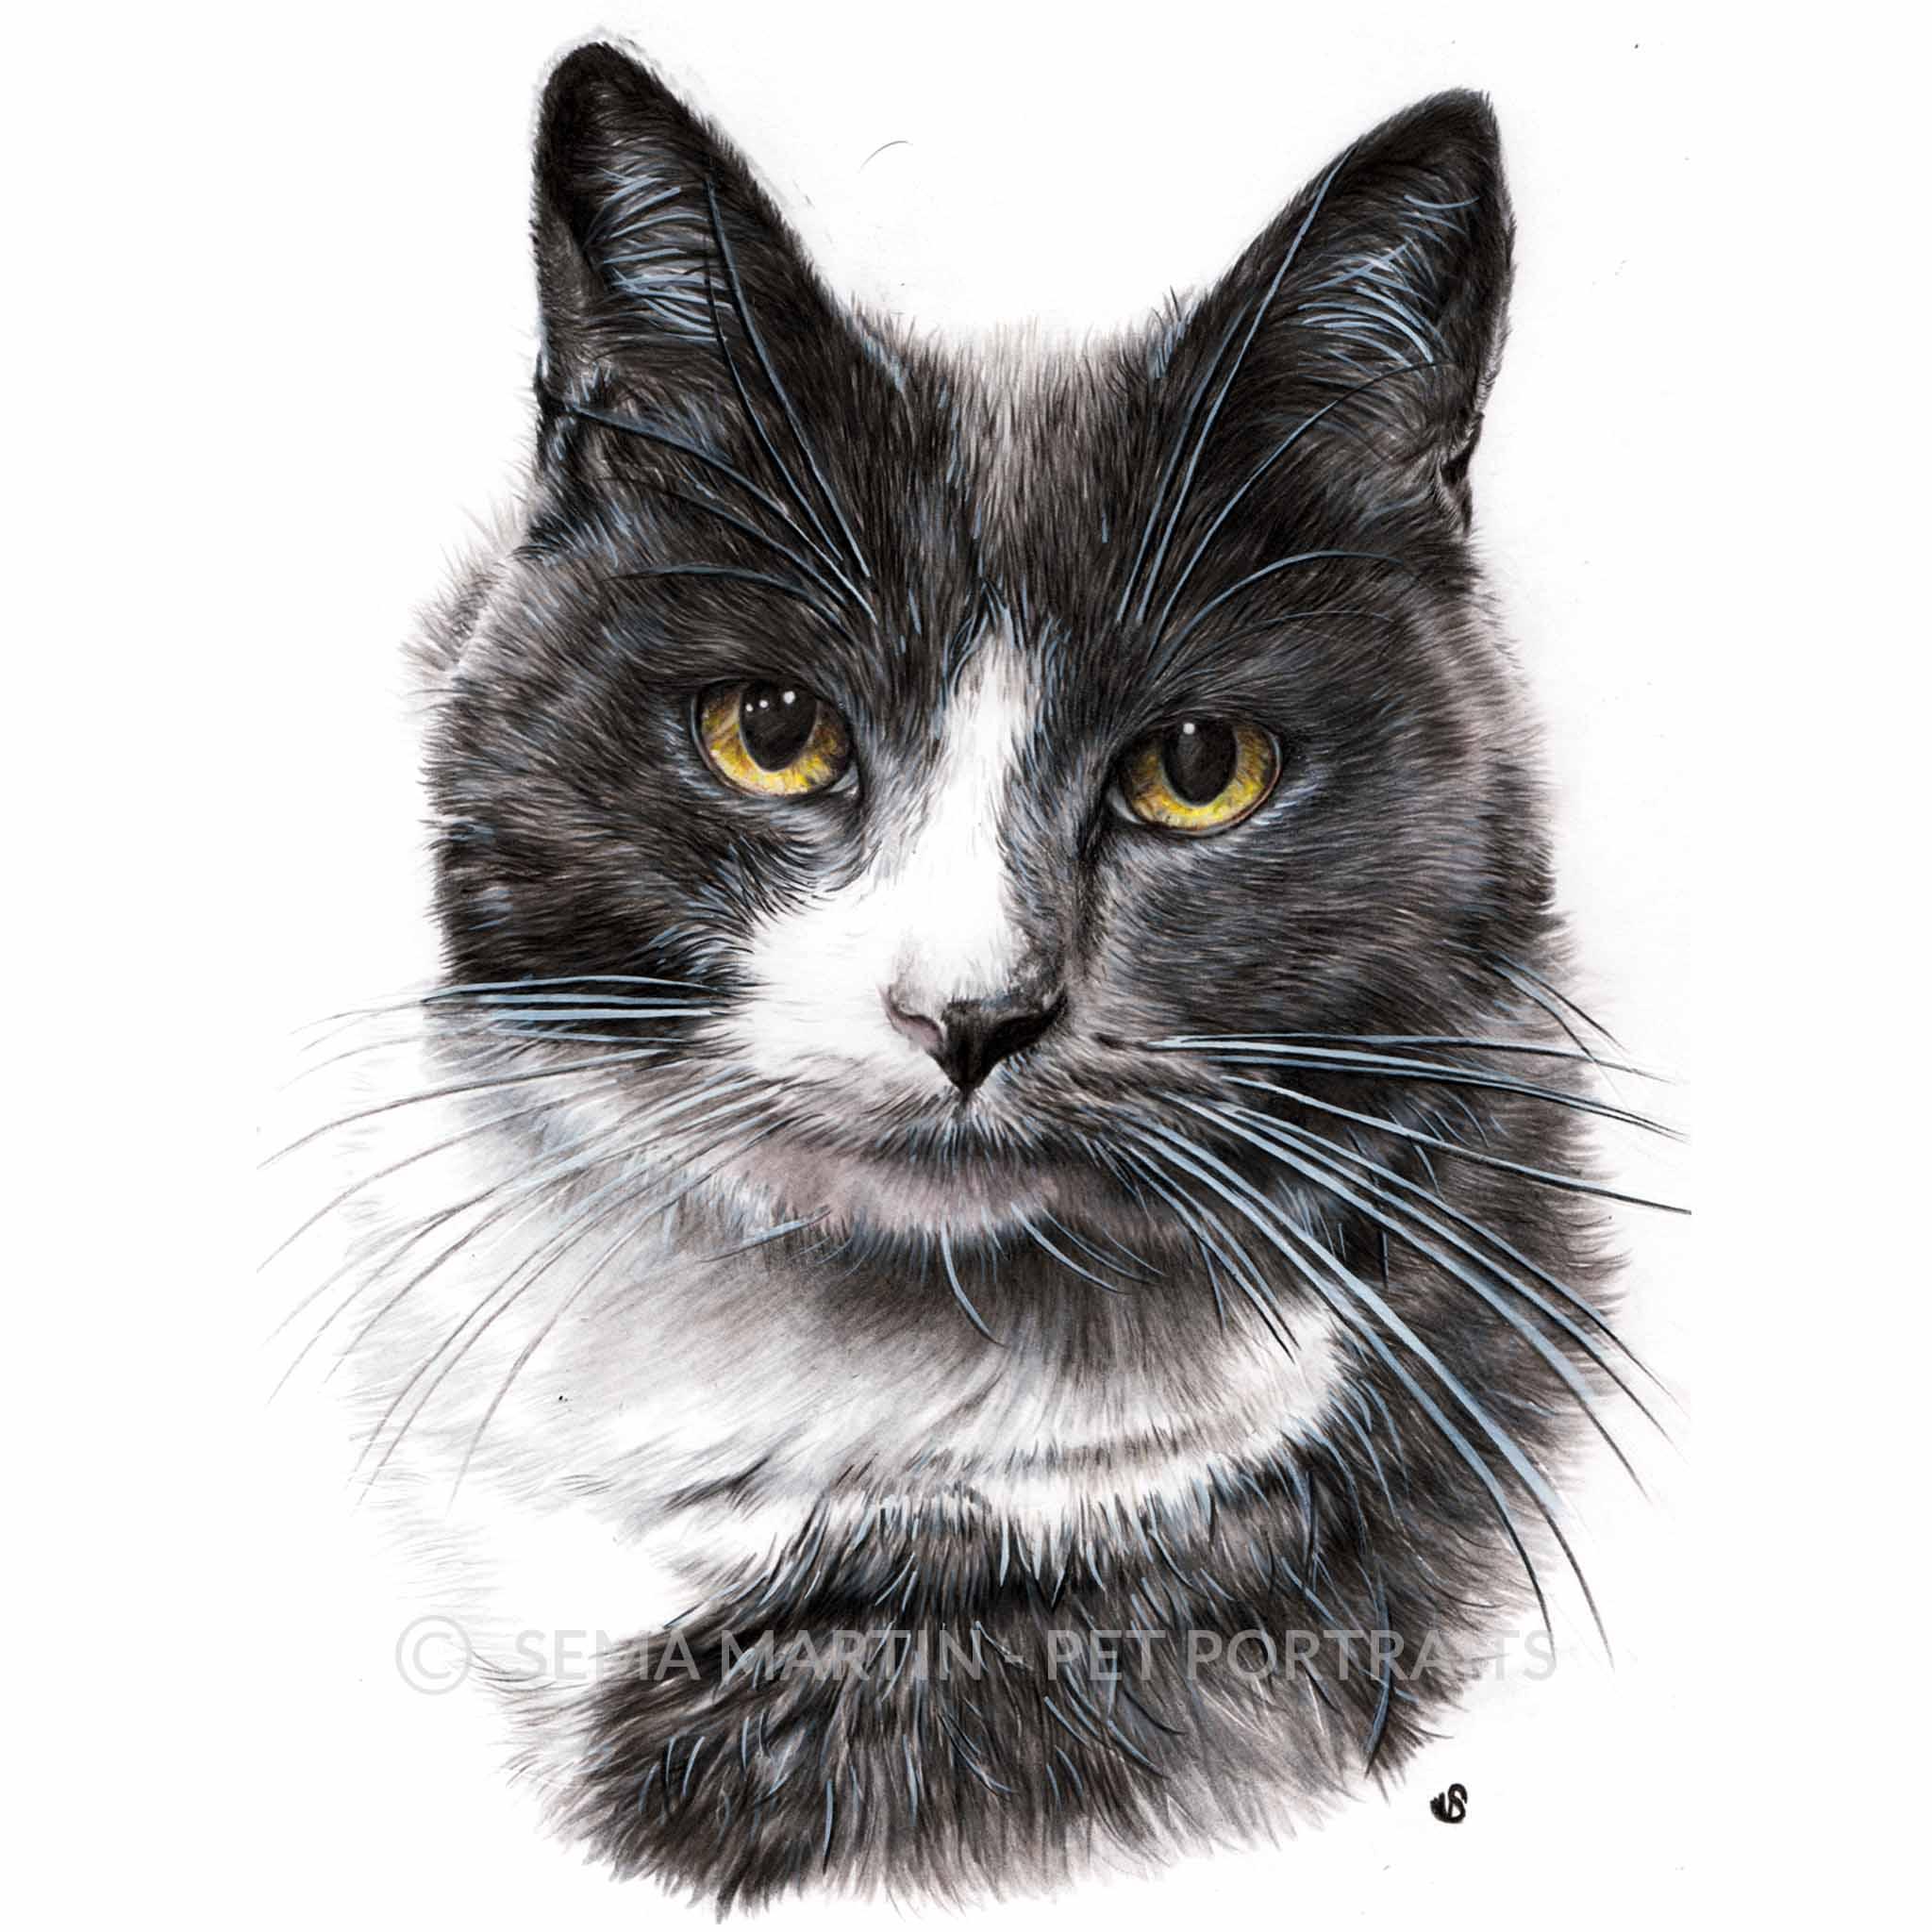 'Charlie' - AUS, 8.3 x 11.7 inches, 2018, Colour Pencil Cat Portrait